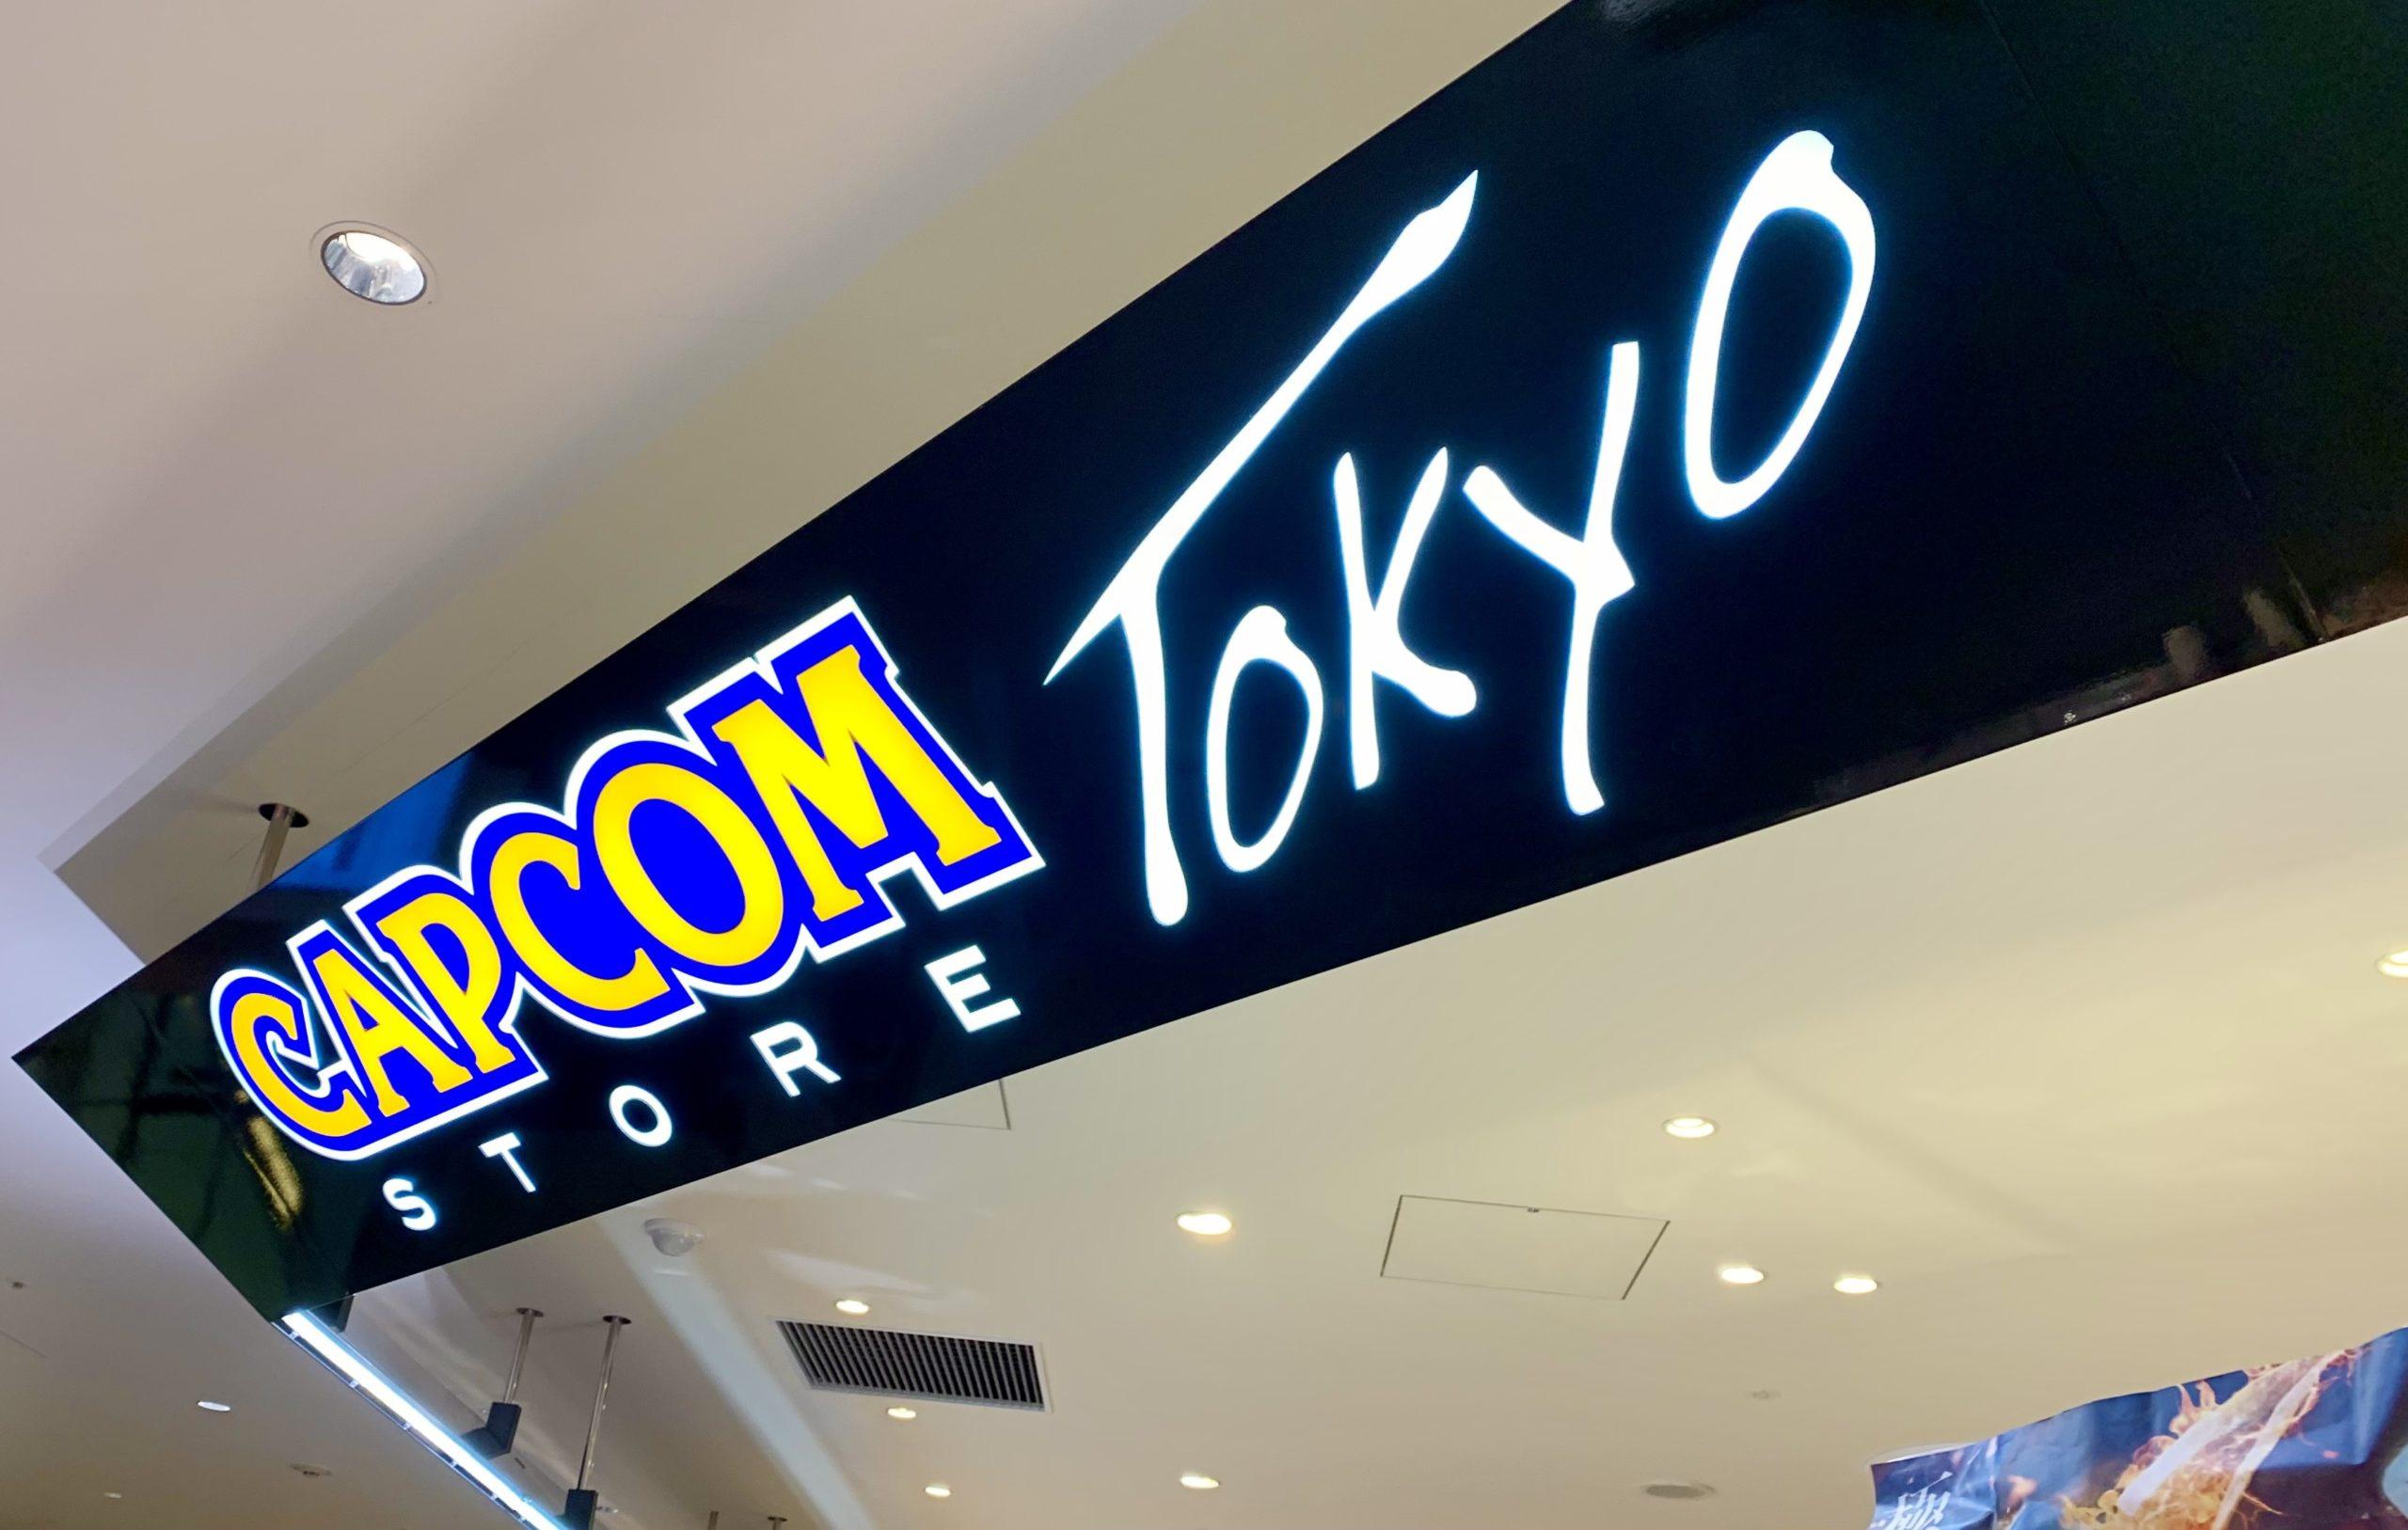 https://antoniotajuelo.com/es/tienda-capcom-en-tokio/cartel-de-la-tienda-capcom-en-tokio